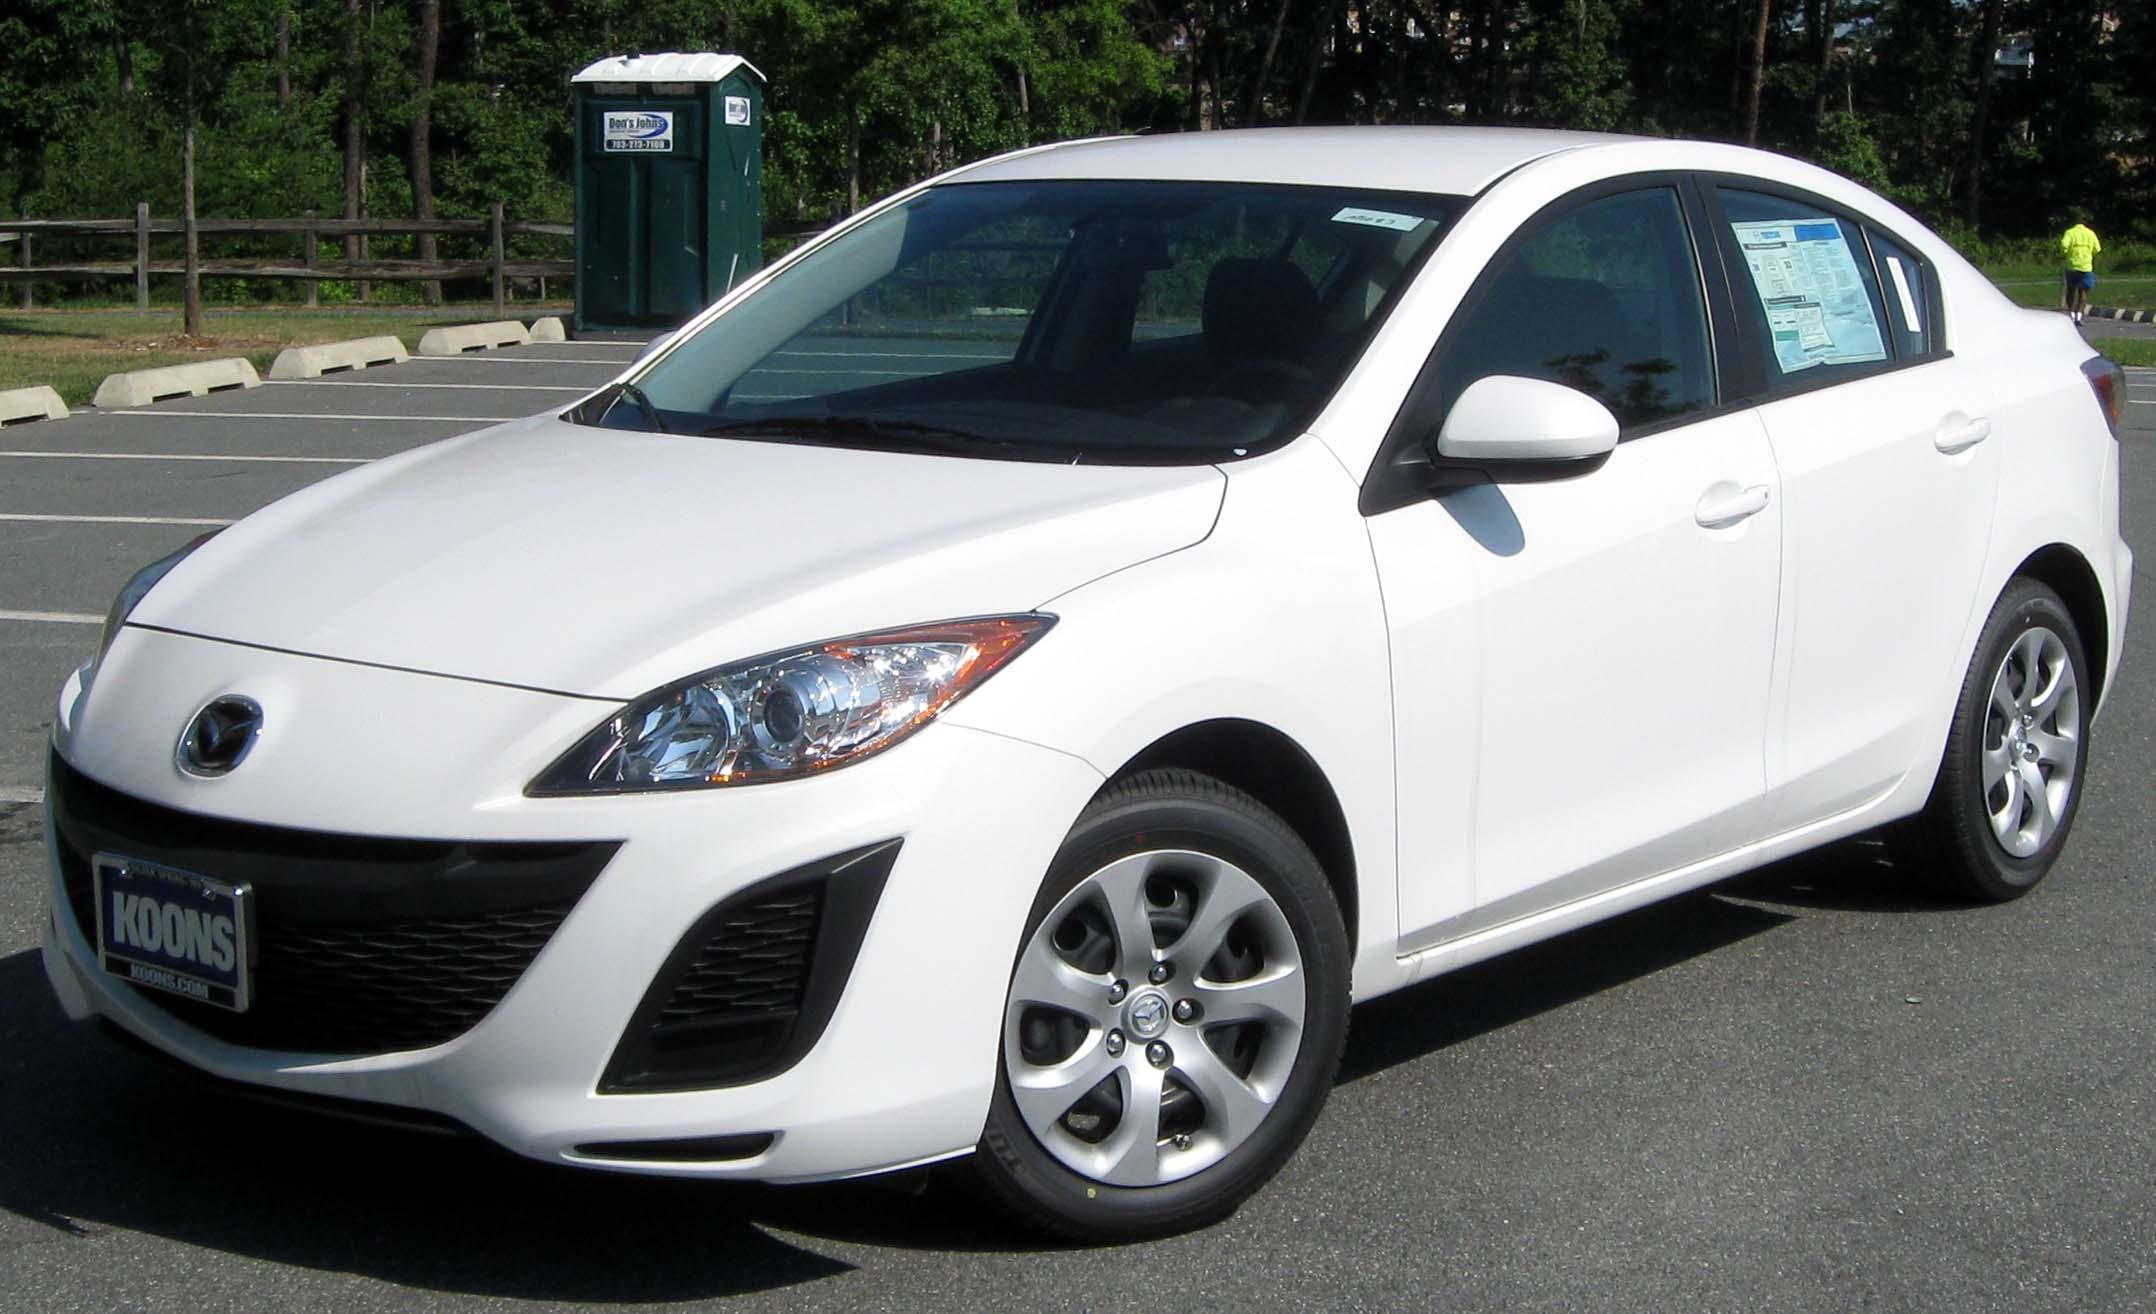 Mazda 3i Sport >> File:2011 Mazda3 i Sport sedan -- 07-07-2011.jpg - Wikimedia Commons